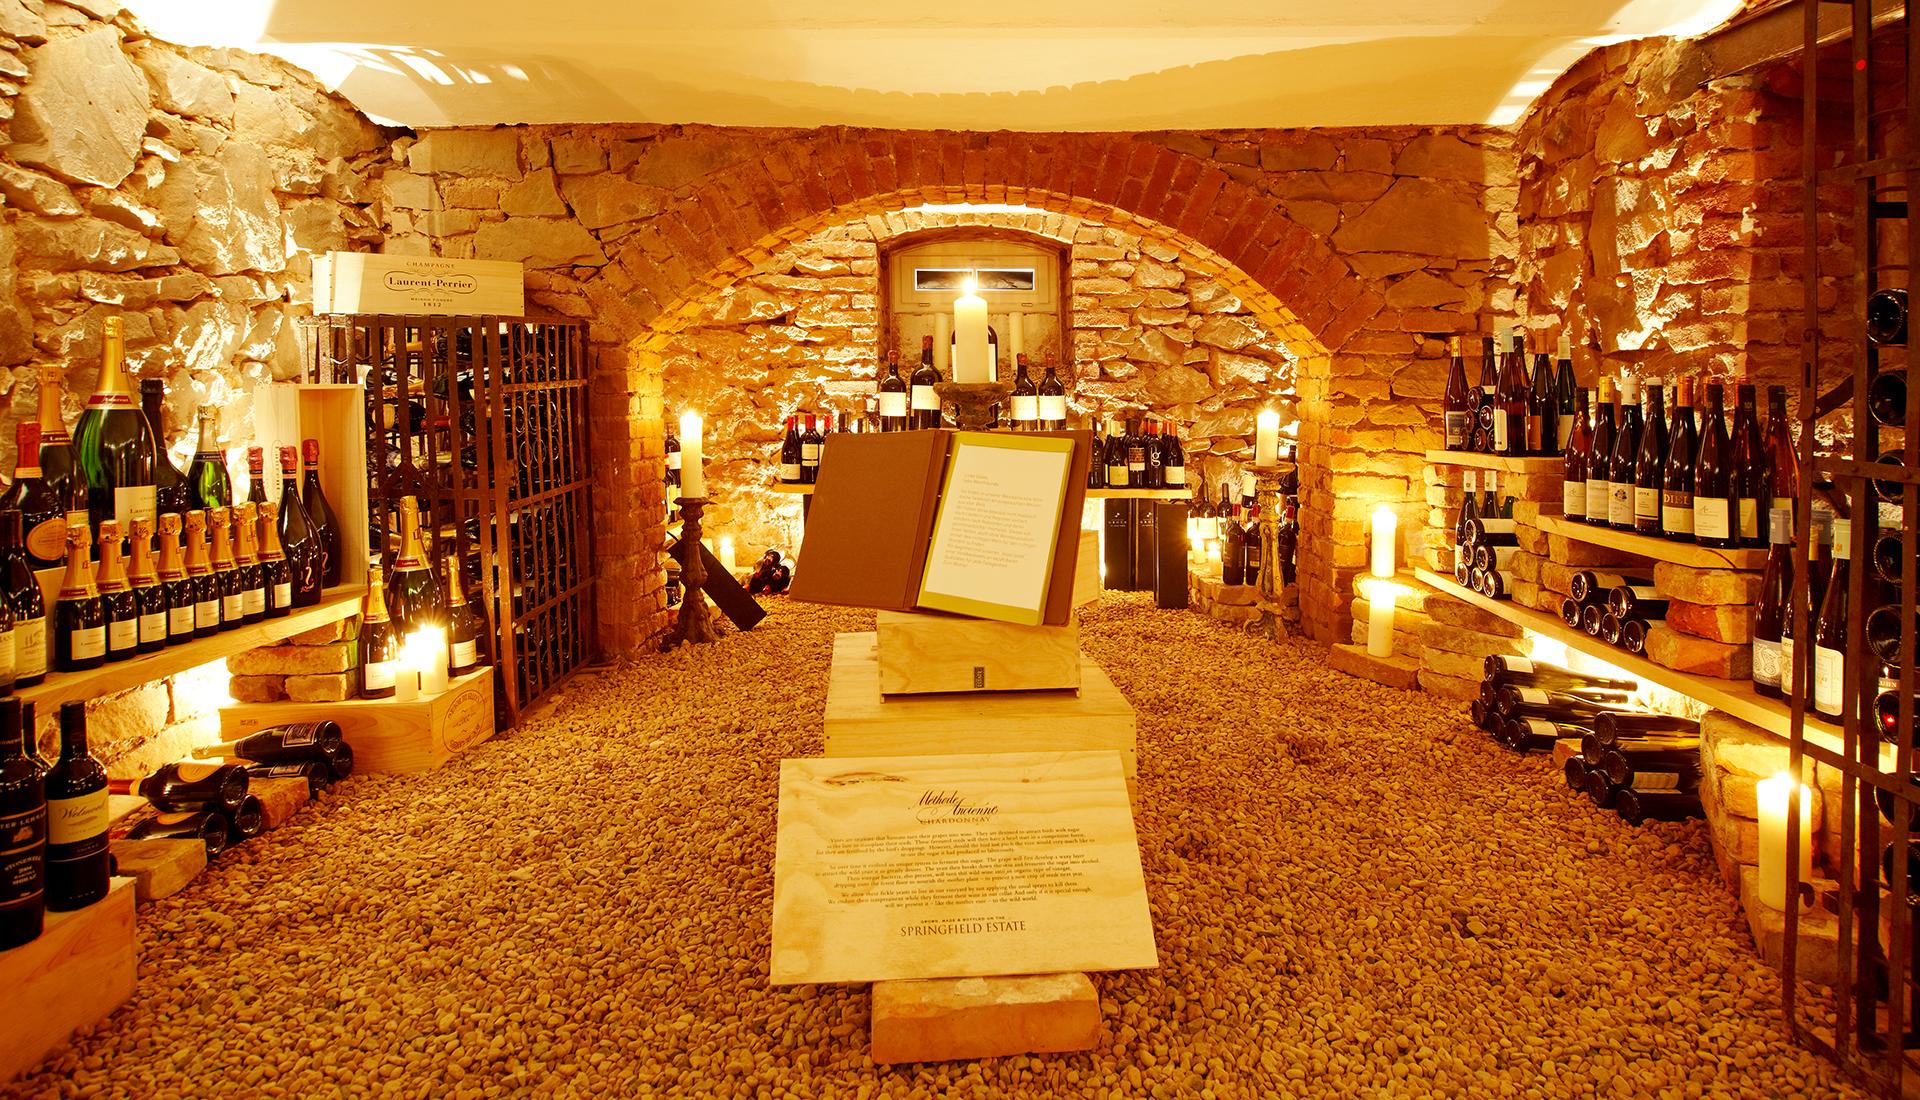 Der Weinkeller im Waldschlösschen Dagobertshausen